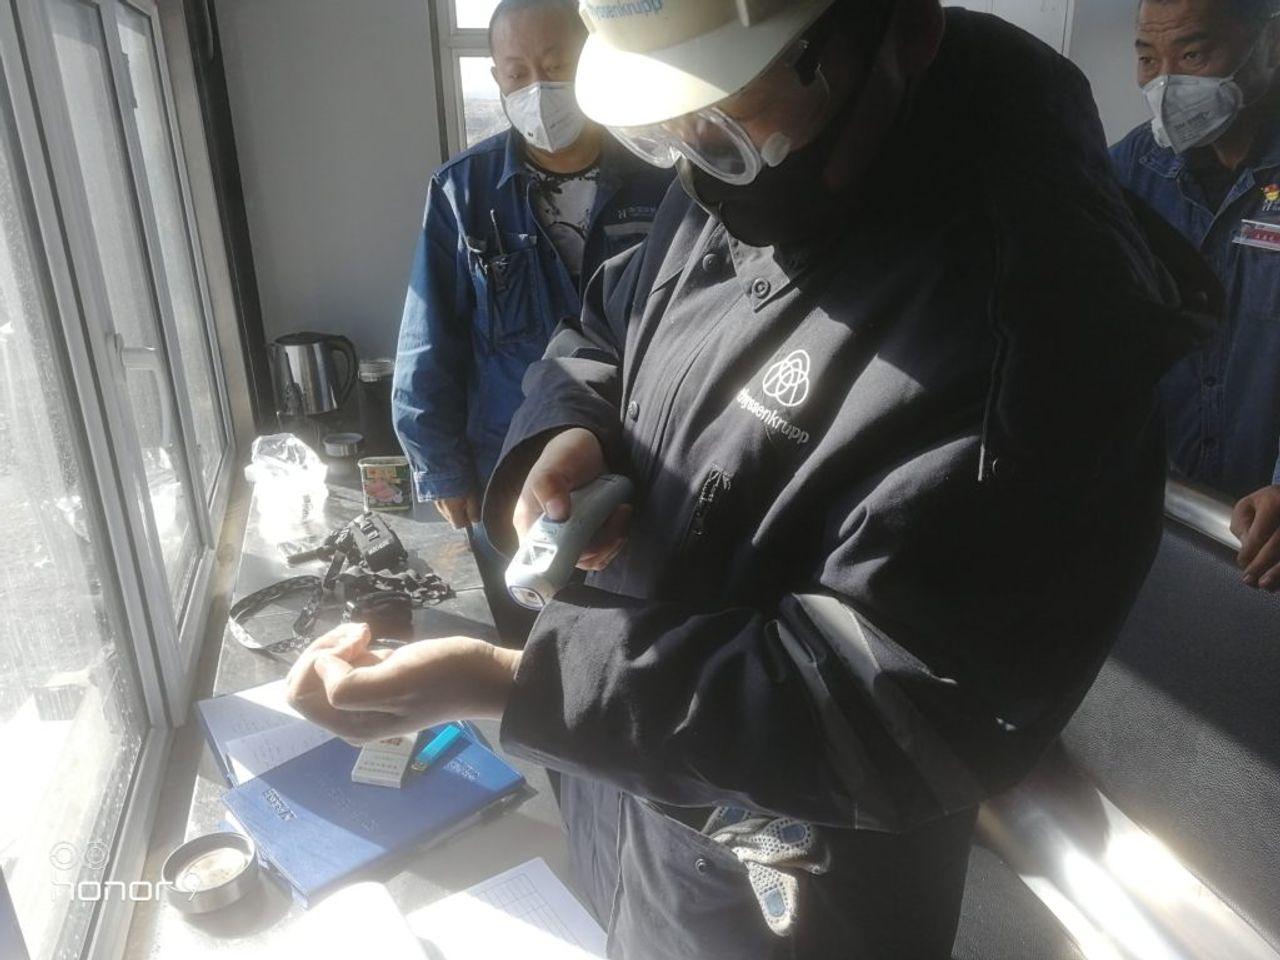 Unter strengen Gesundheits- und Hygiene-Maßnahmen kehrten die Mitarbeiter zur Arbeit und auf ihre Kundenprojekte zurück.